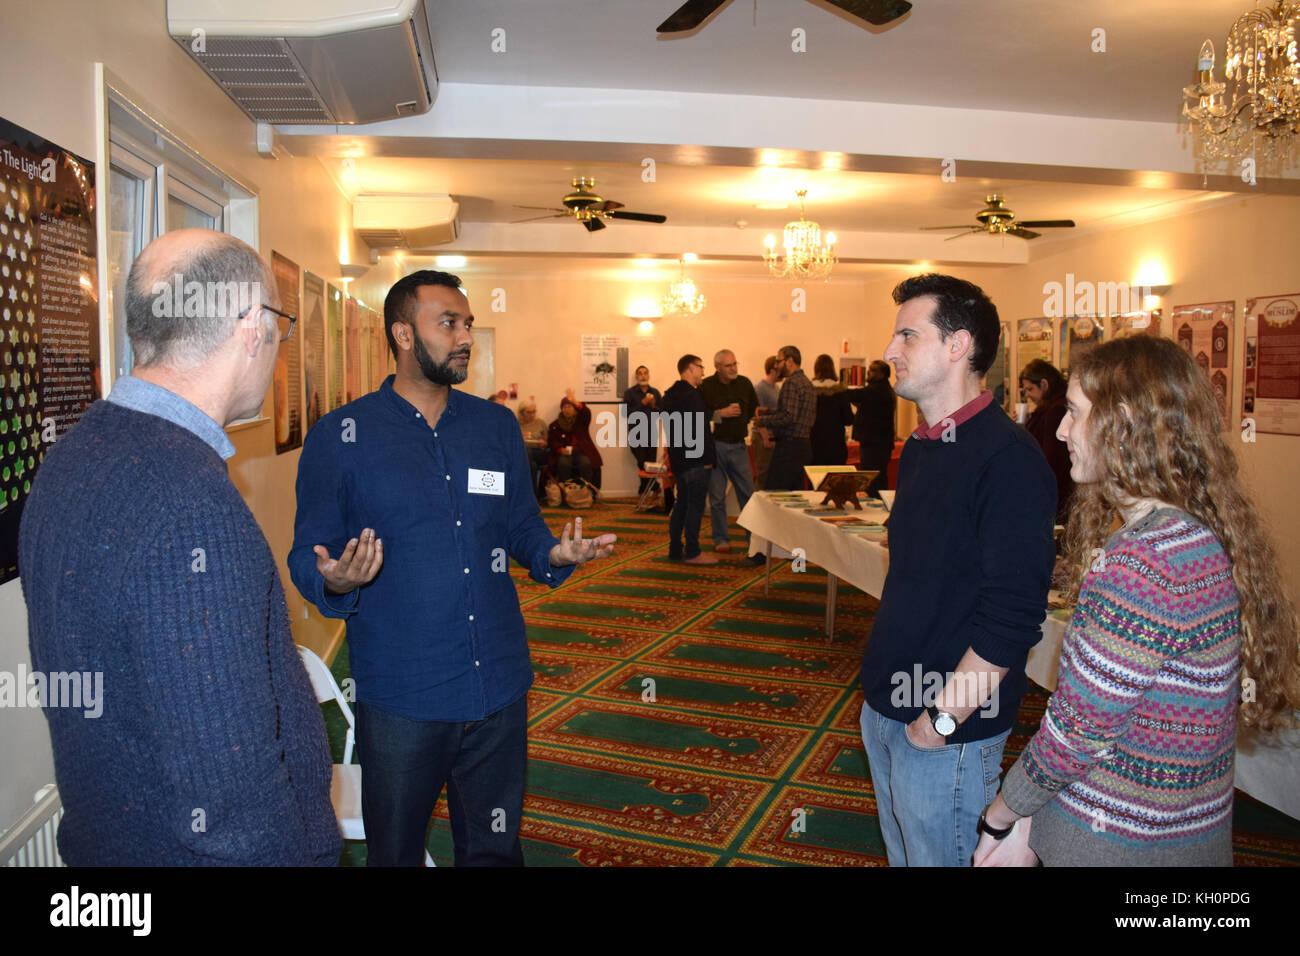 Norwich, Regno Unito. Xi Nov, 2017. Open Day al Rose Lane moschea, Norwich. Questo evento comunale consente la più Immagini Stock